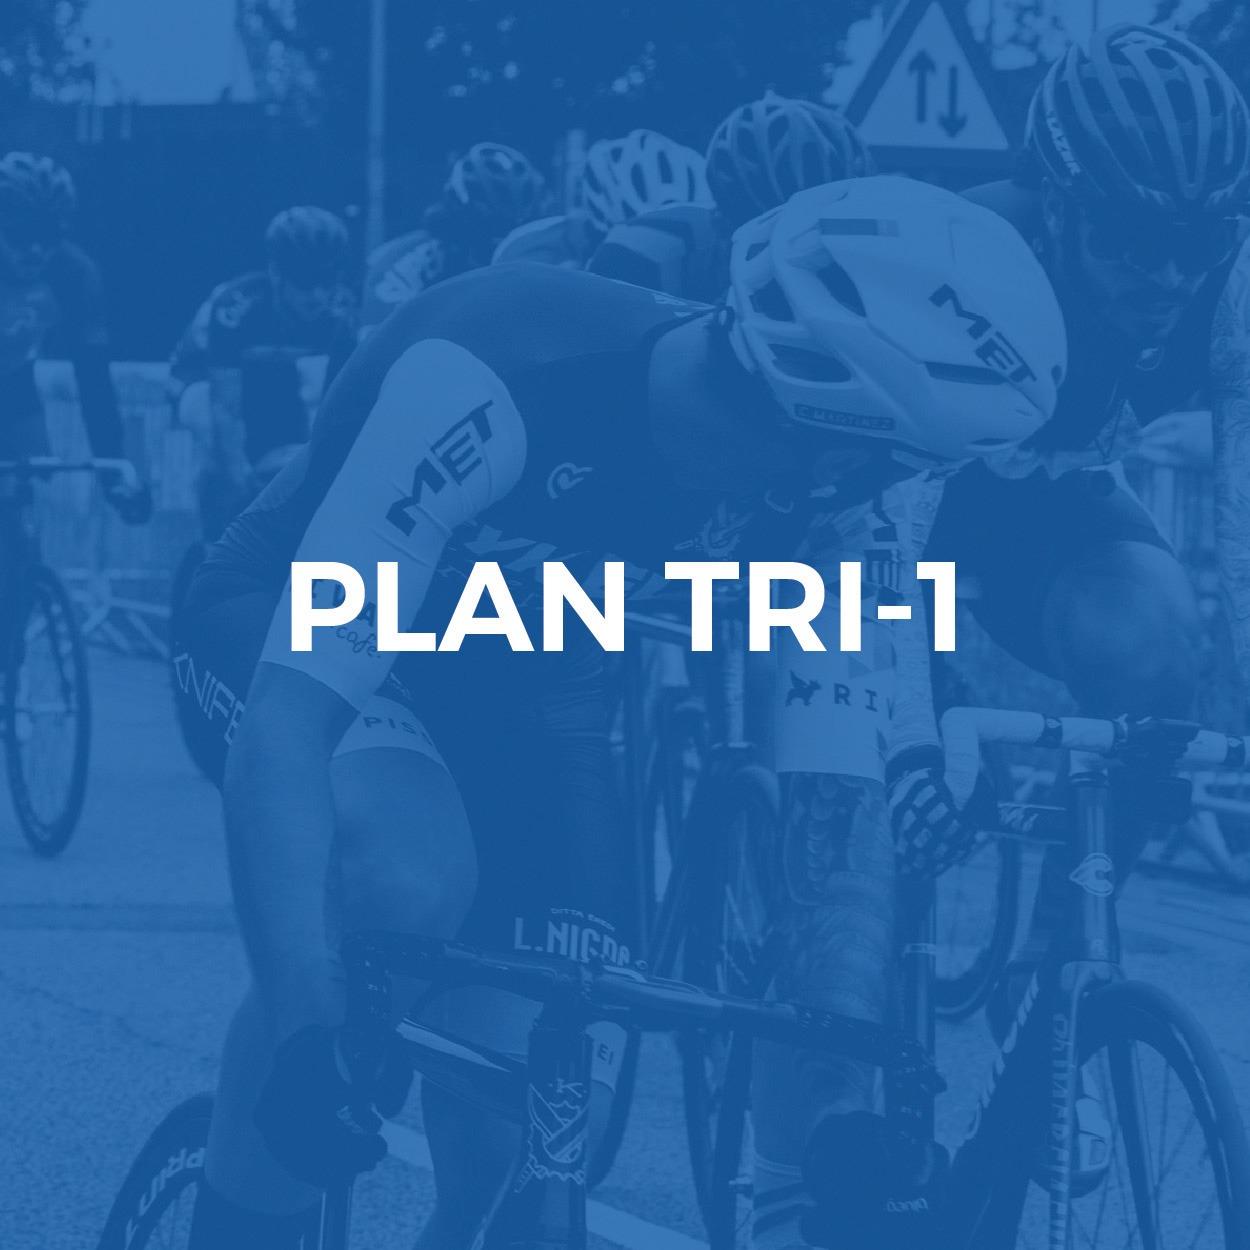 plan-tri-1